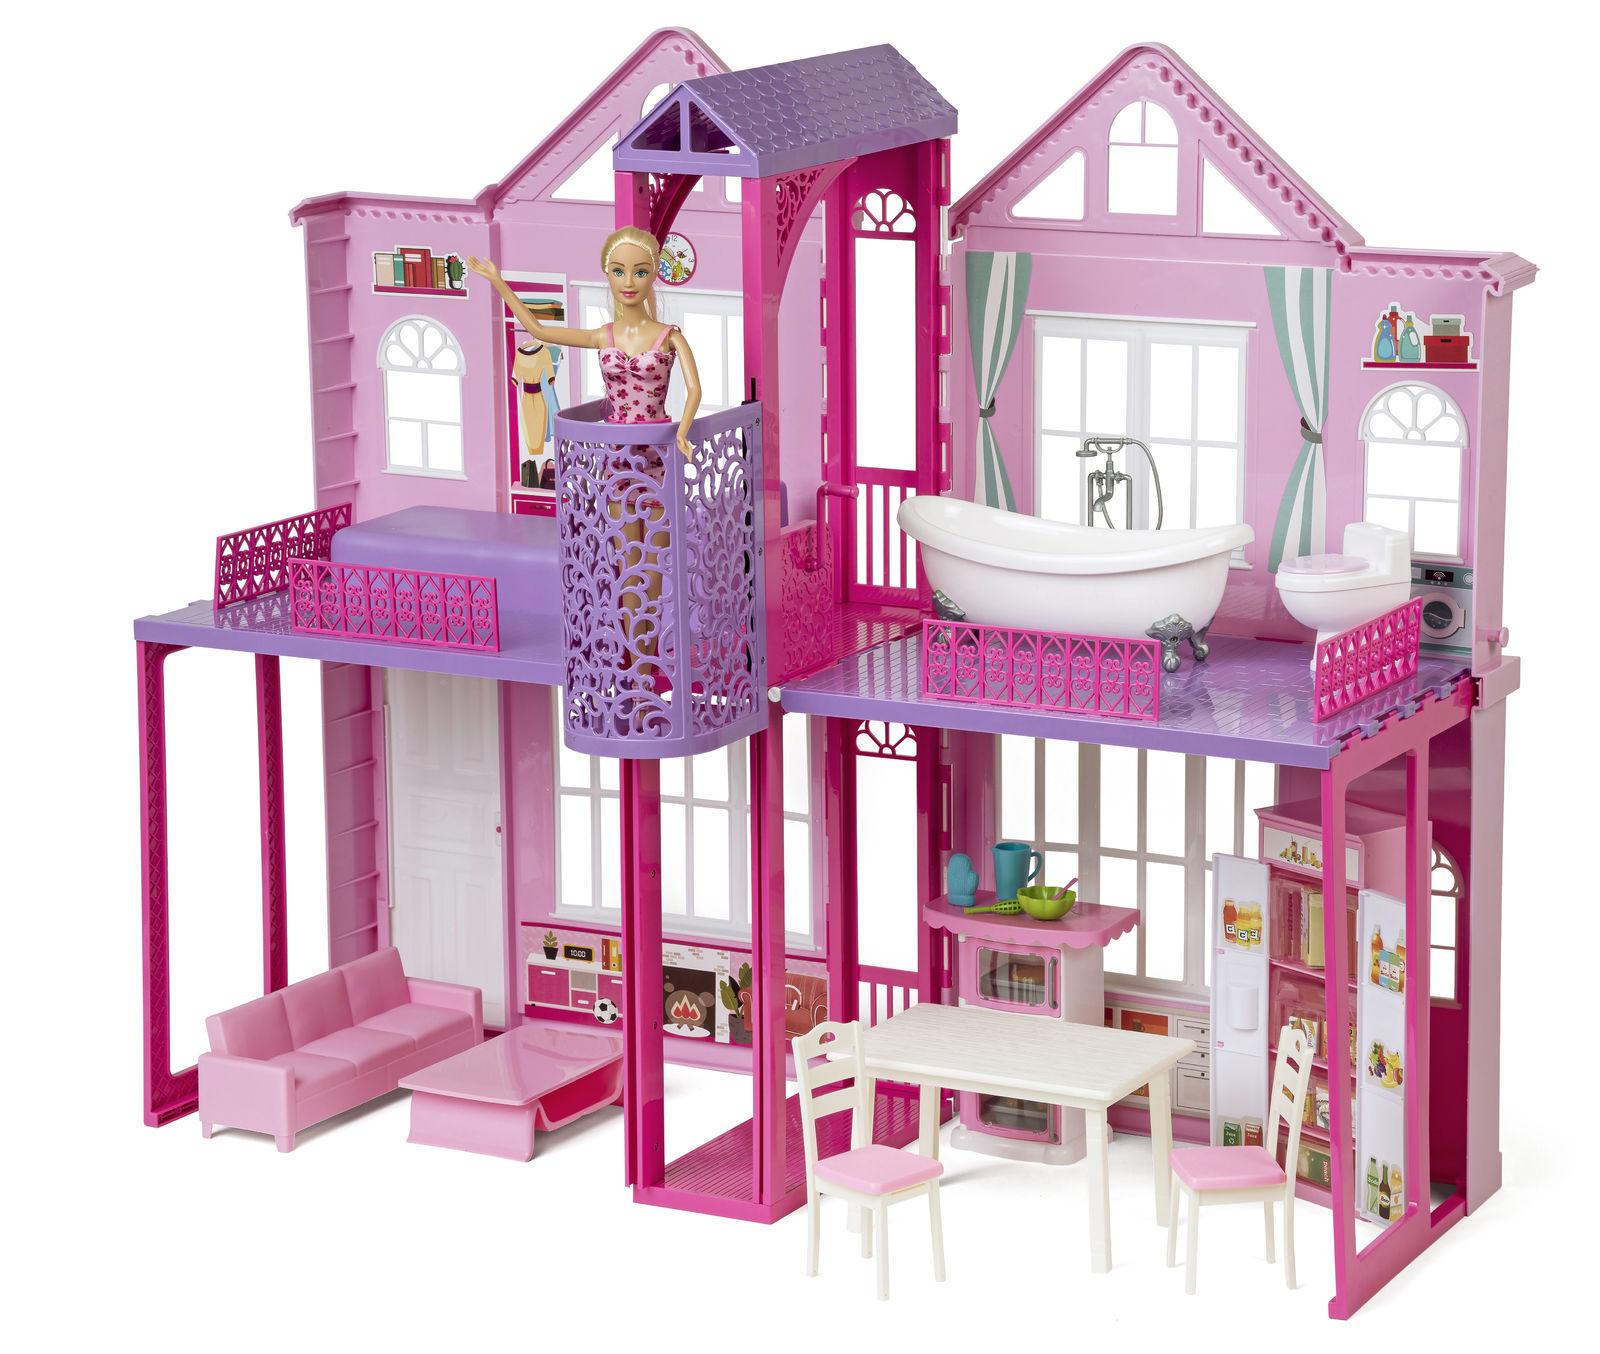 Judith - Giant dollhouse, 85x70x40 cm (61083)